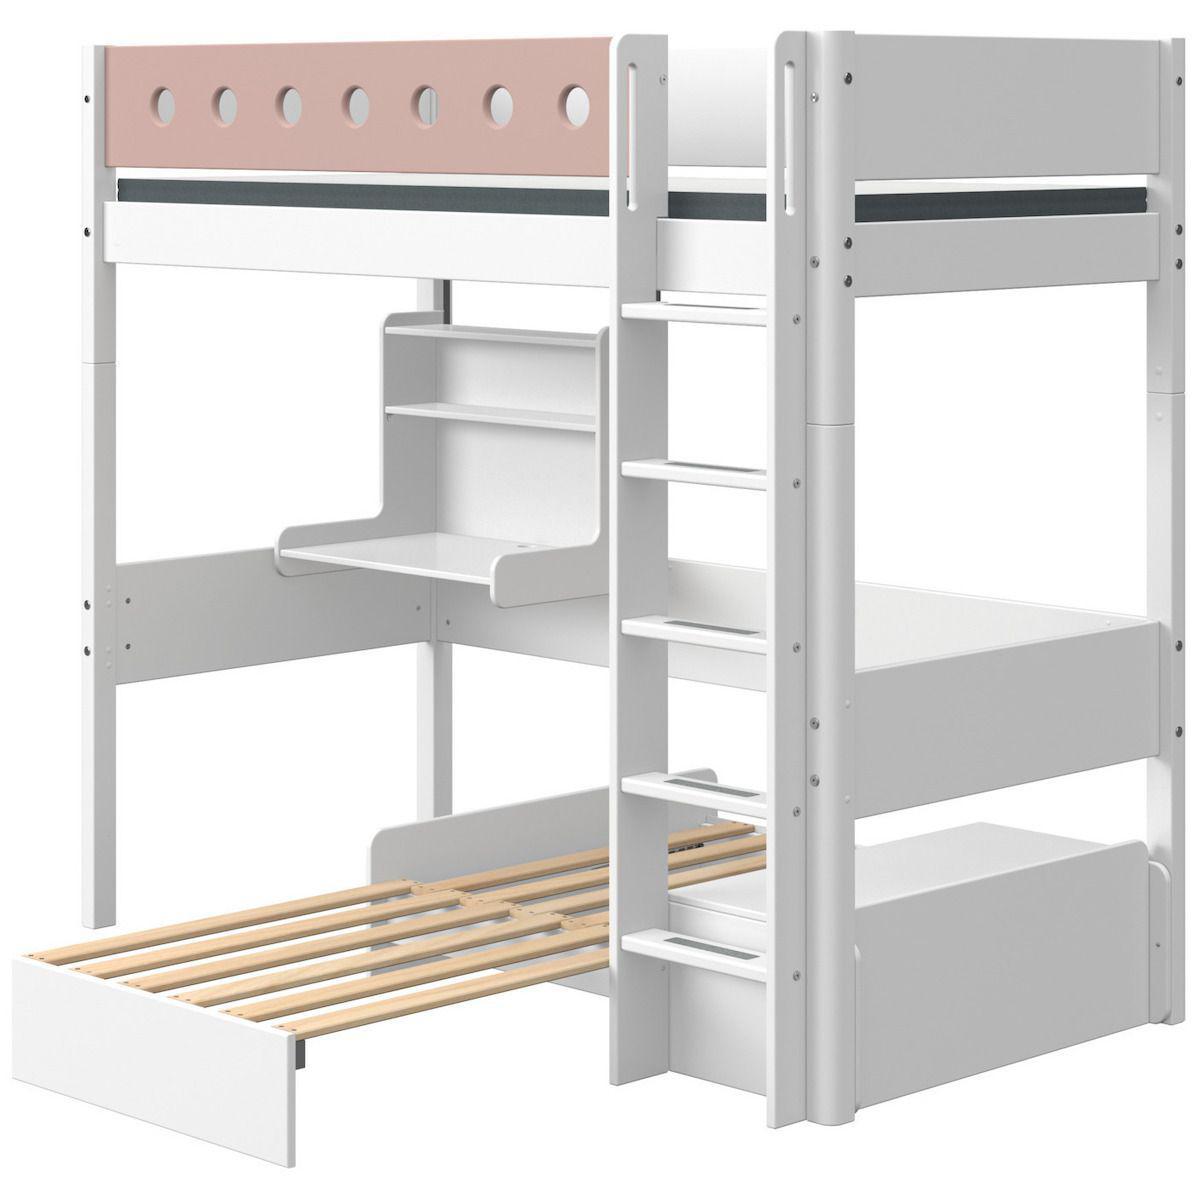 Cama alta 90x200cm escalera recta-módulo casa-escritorio clic WHITE Flexa blanco-rosa claro